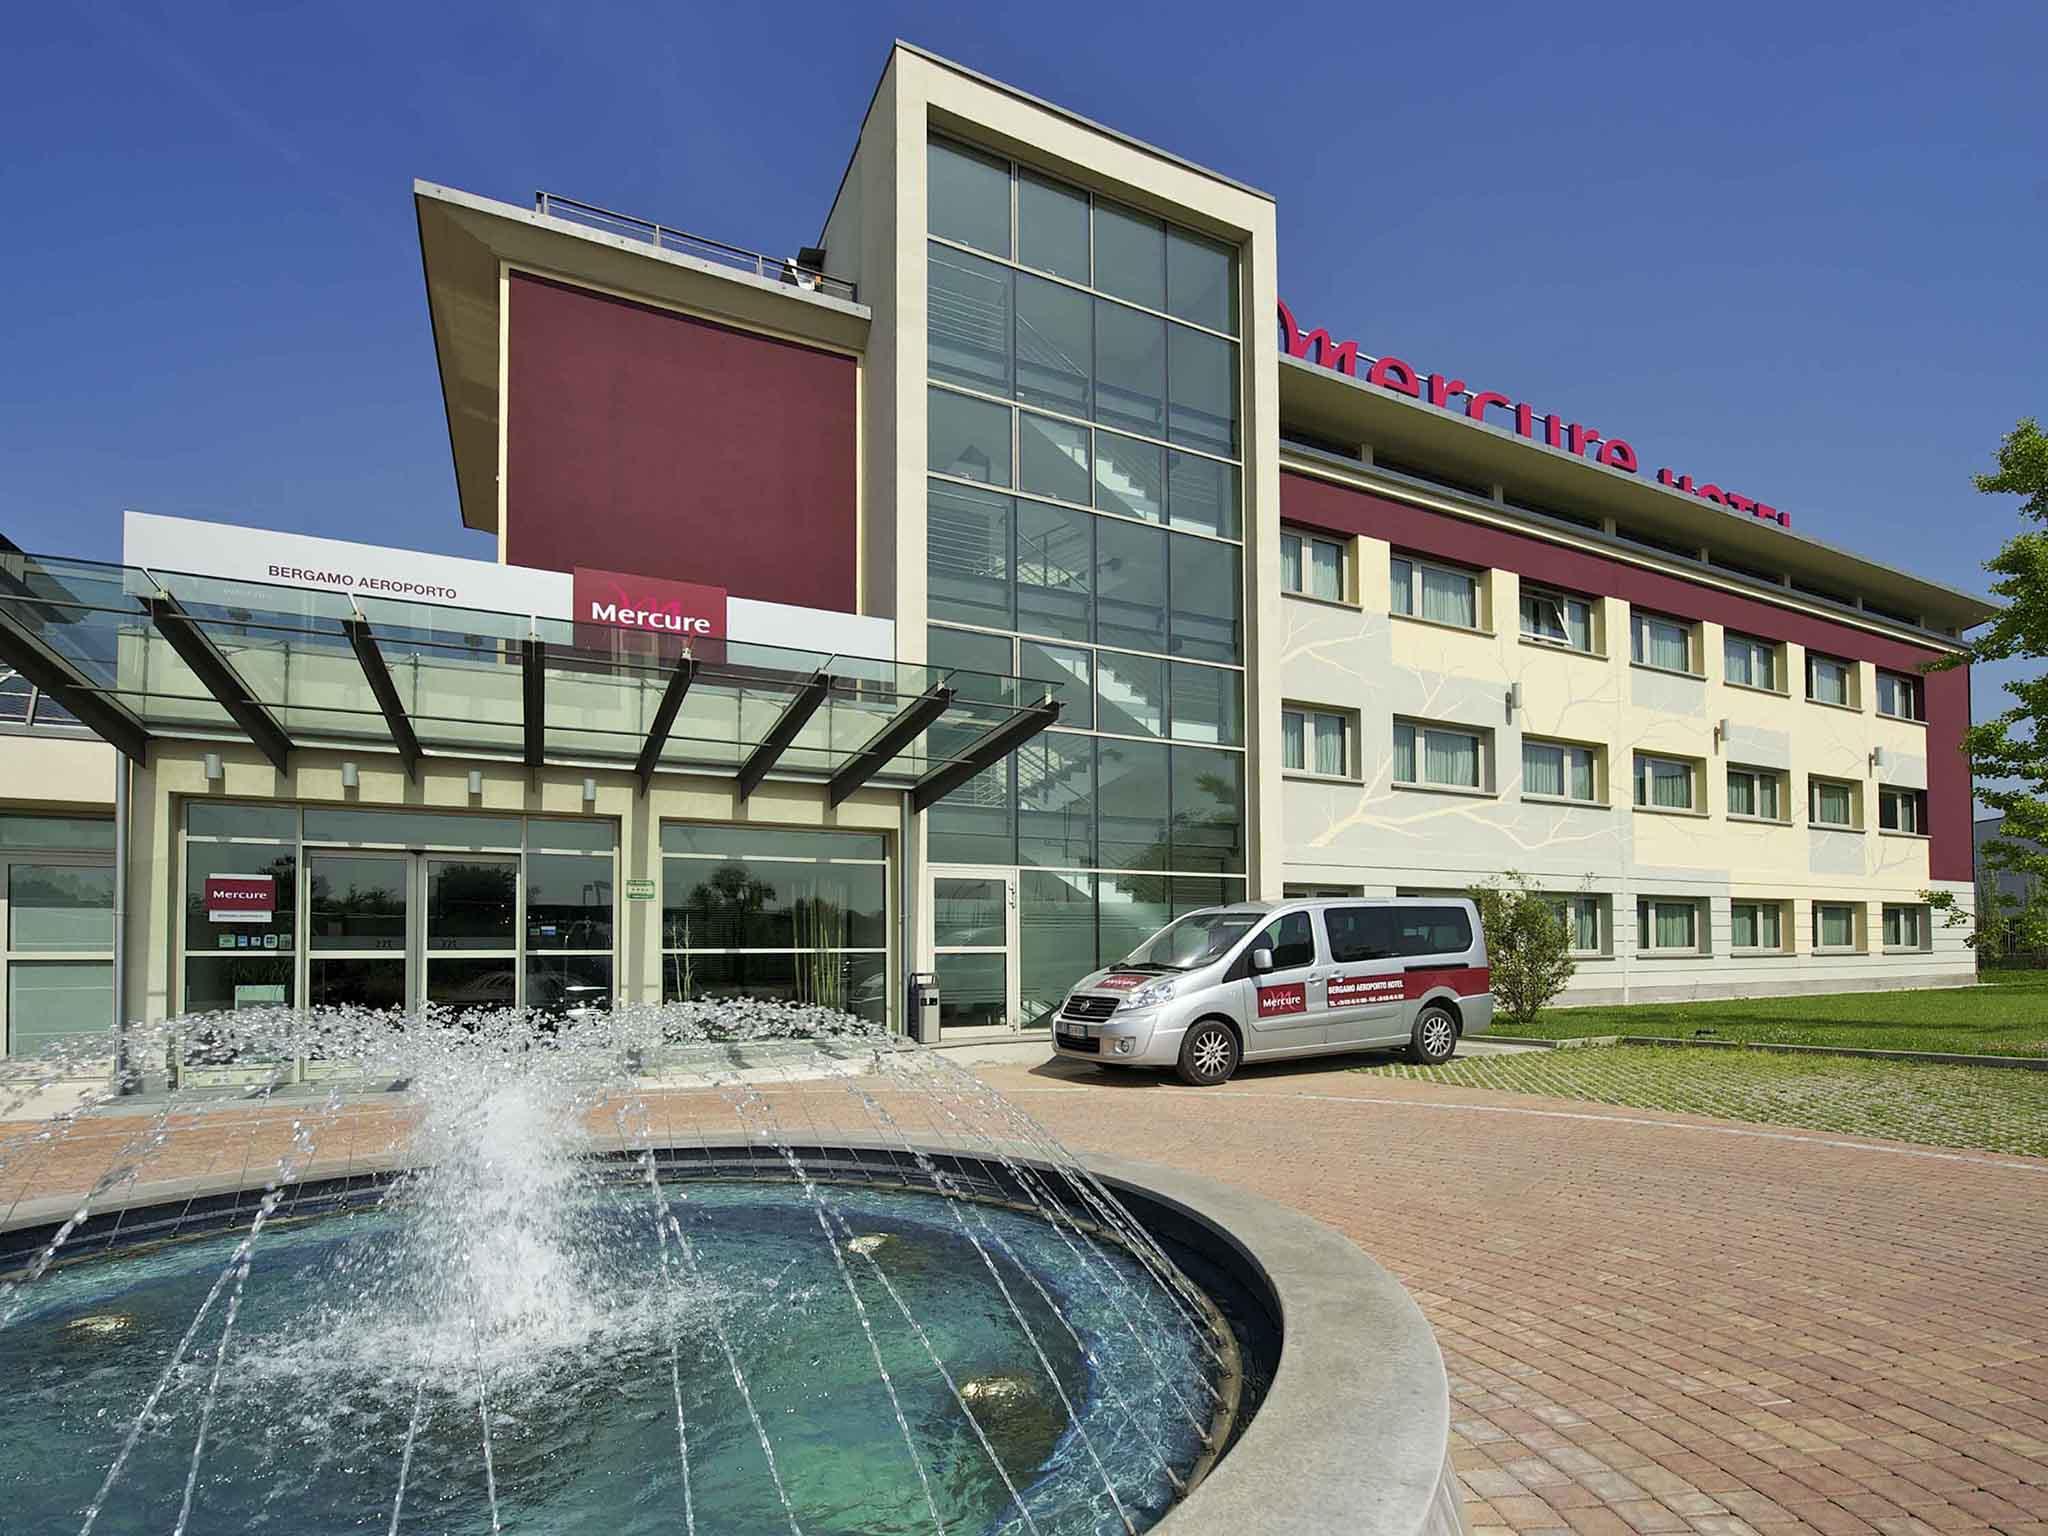 Hôtel - Mercure Bergamo Aeroporto